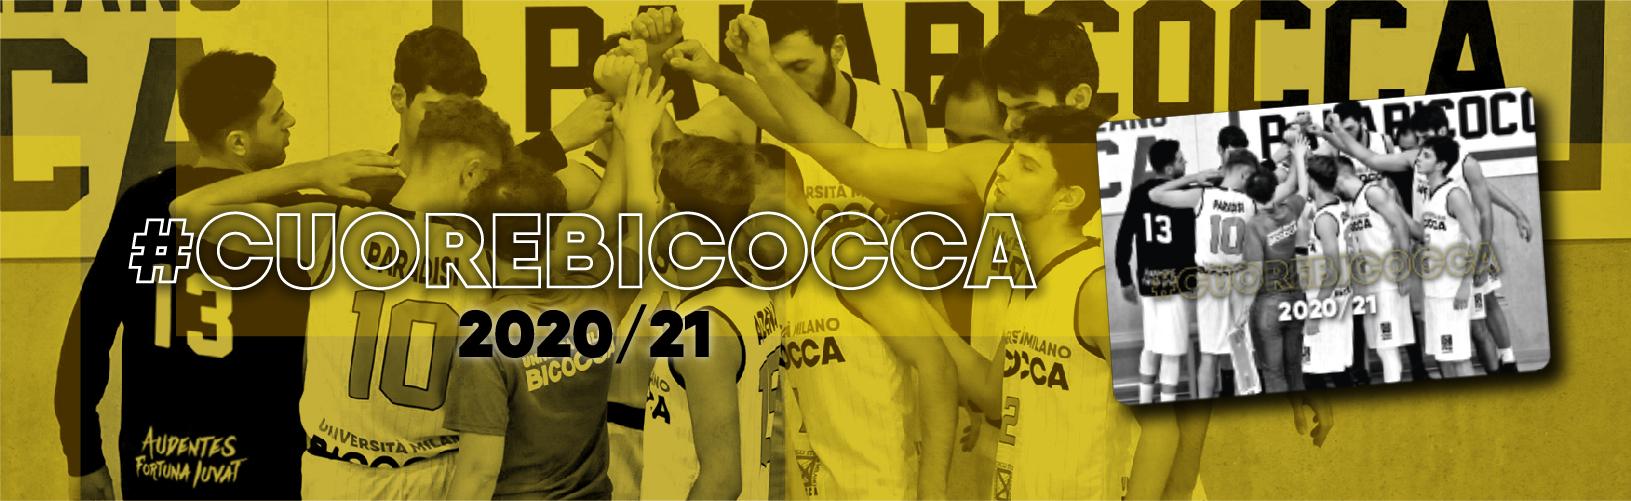 CuoreBicocca 2020 by CUS Bicocca